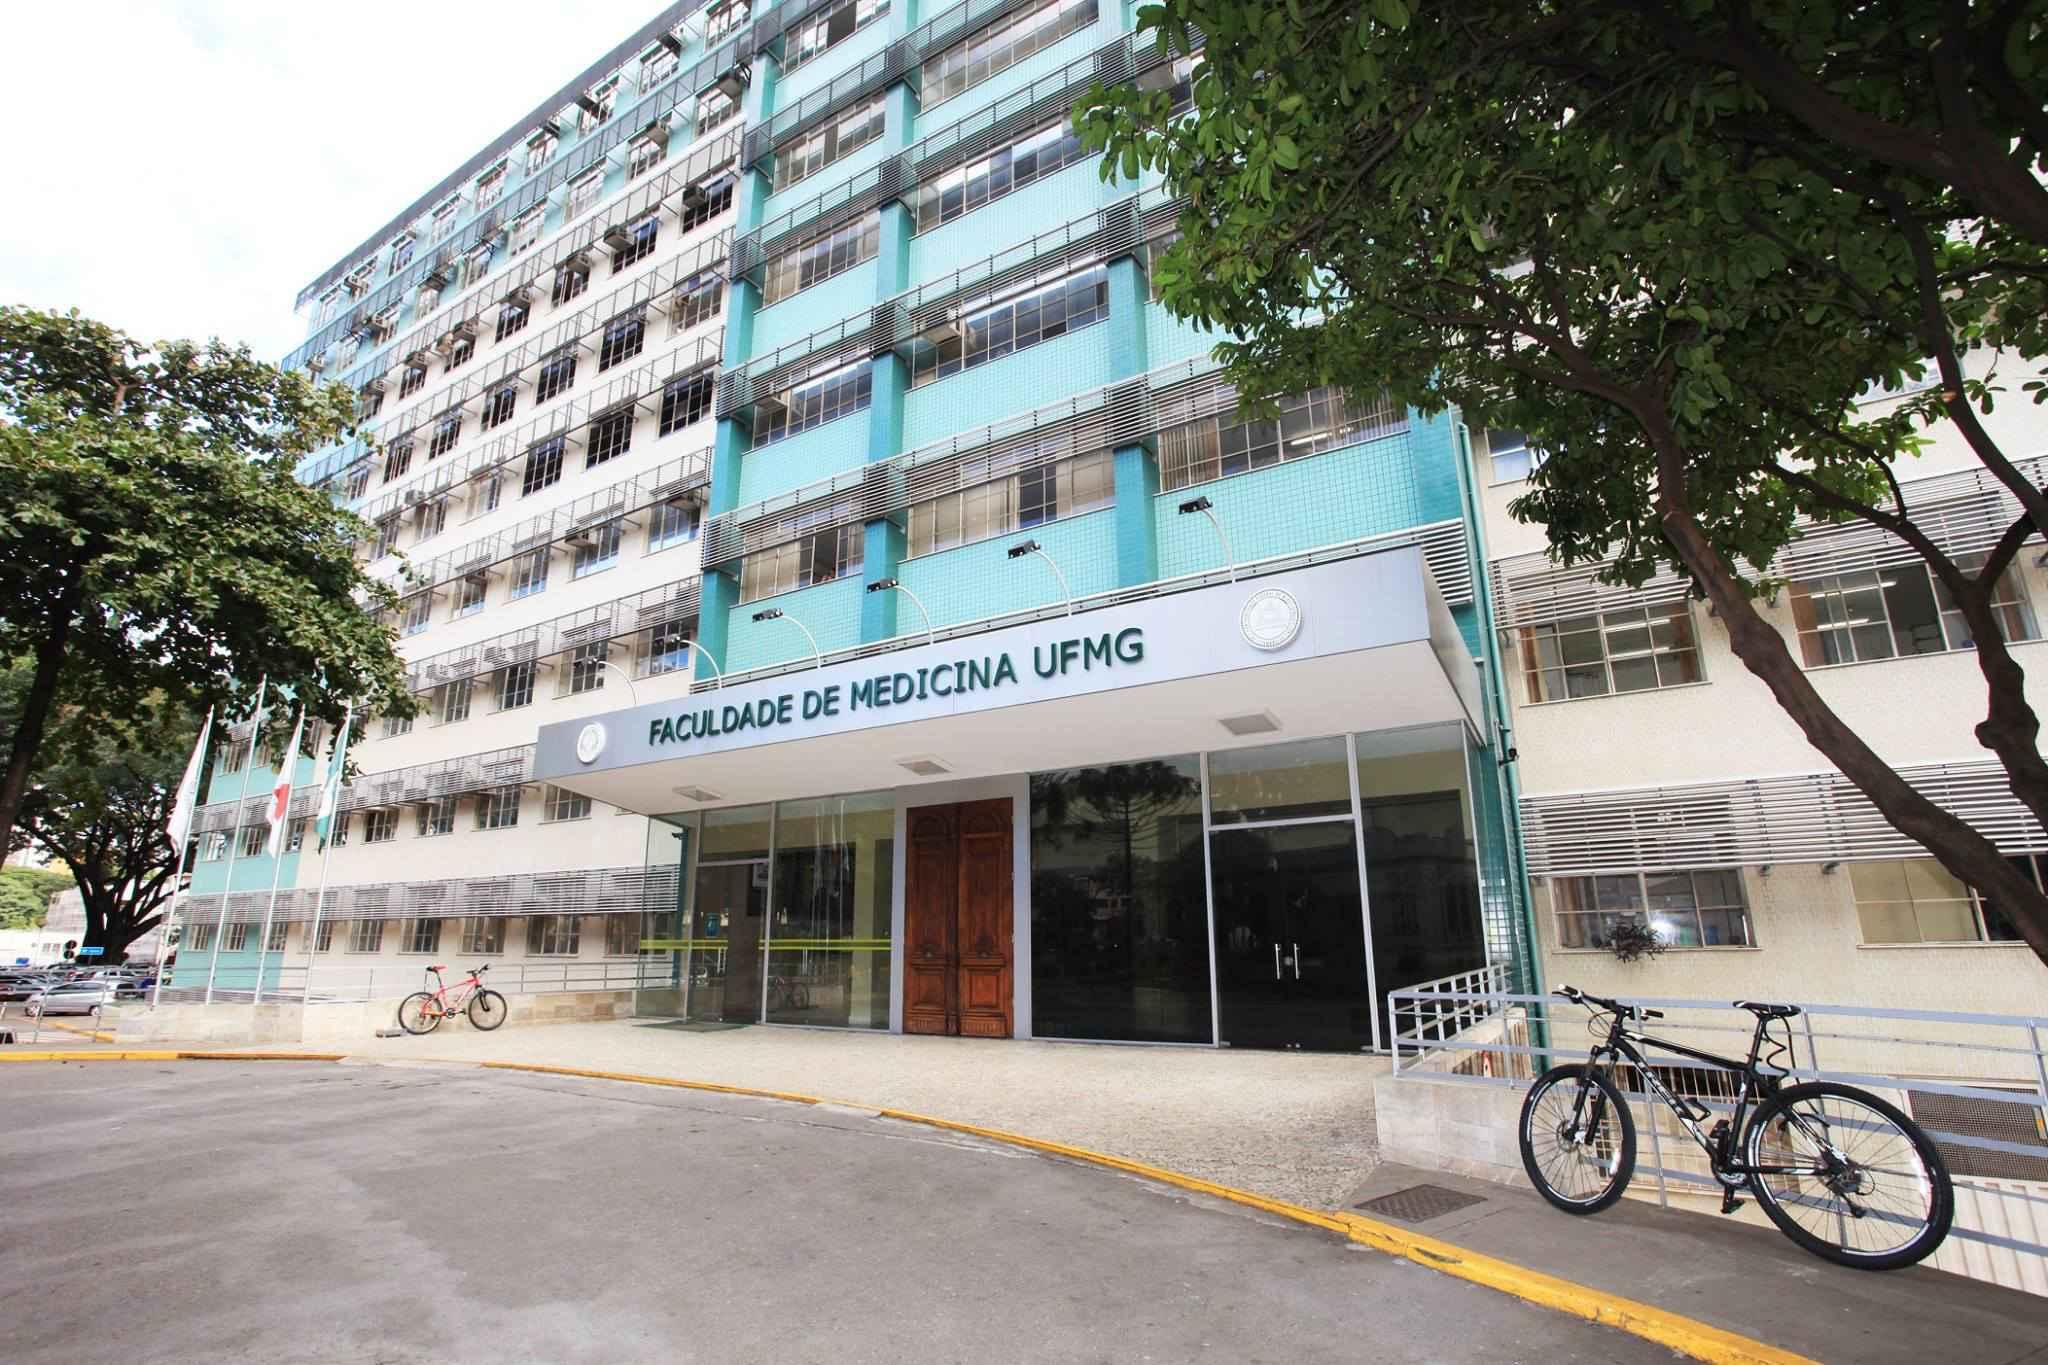 Prédio da Faculdade de Medicina, que abriga parte das atividades acadêmicas da pós-graduação em Patologia